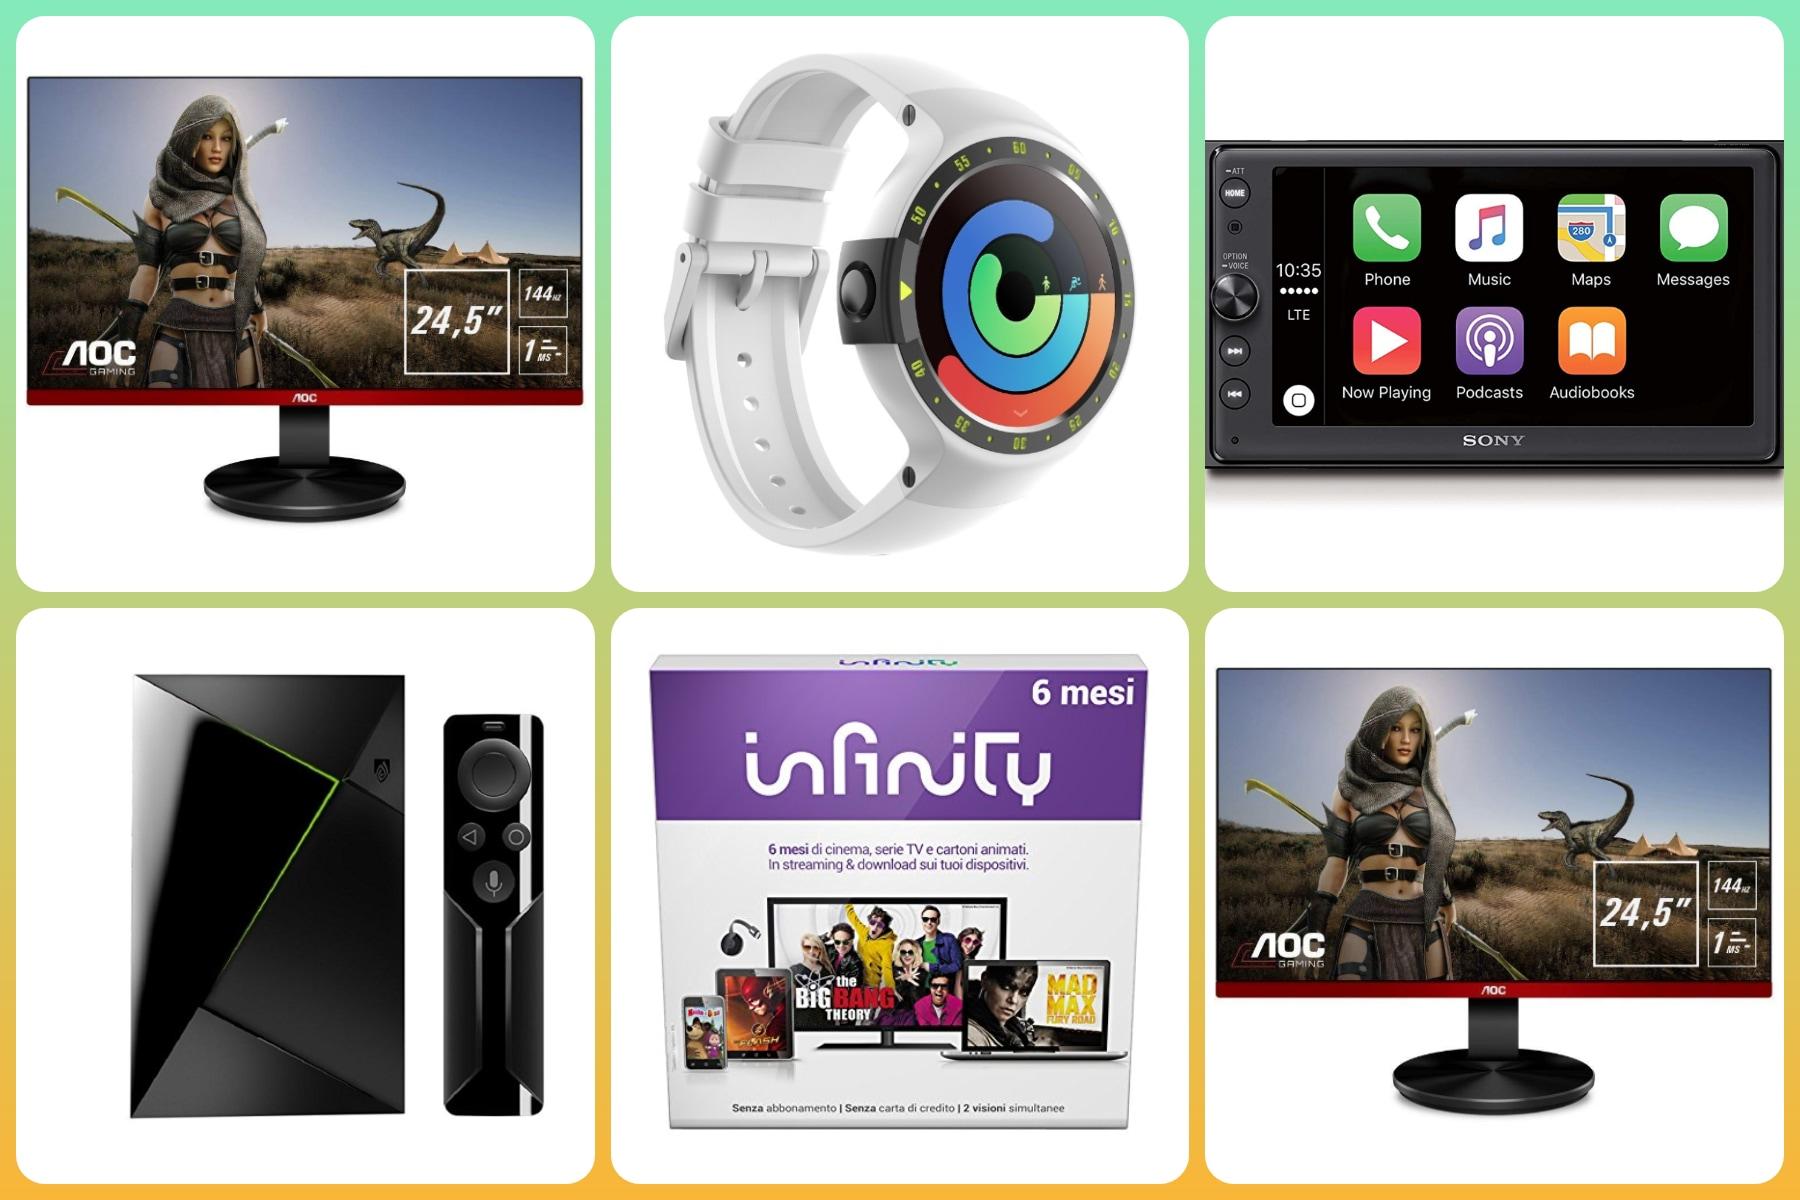 Offerte Amazon: Xiaomi Mi MIX 2S, notebook, cuffie USB-C, UE ROLL 2 e tanto altro - image migliori-offerte-amazon-11-settembre-2018 on http://www.zxbyte.com